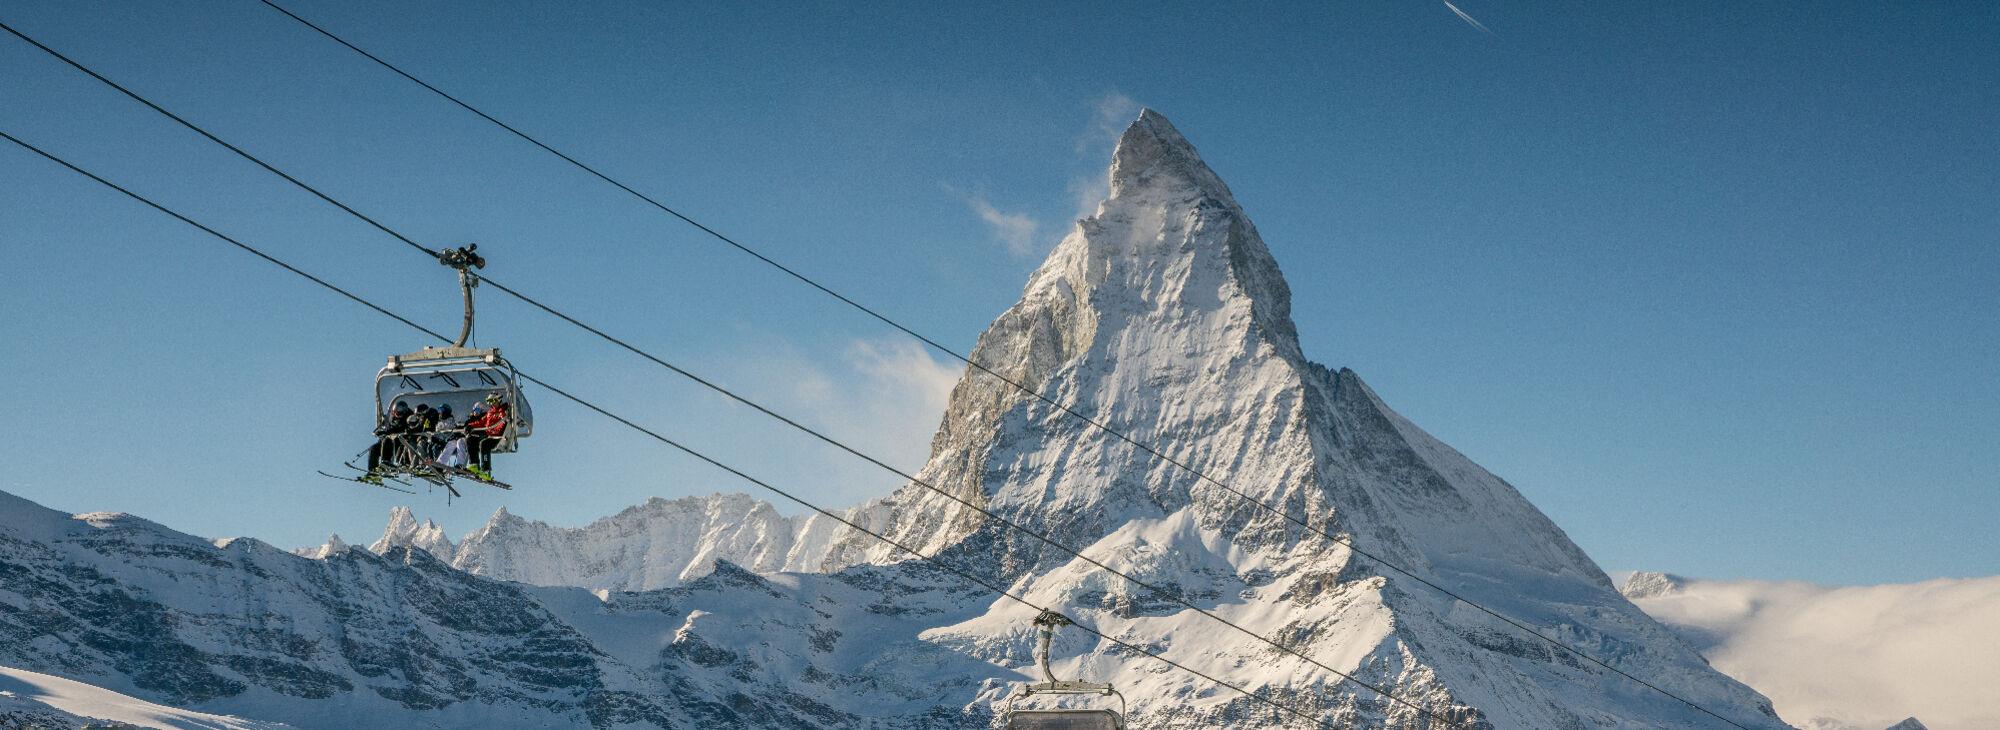 Skifahren vor dem Matterhorn